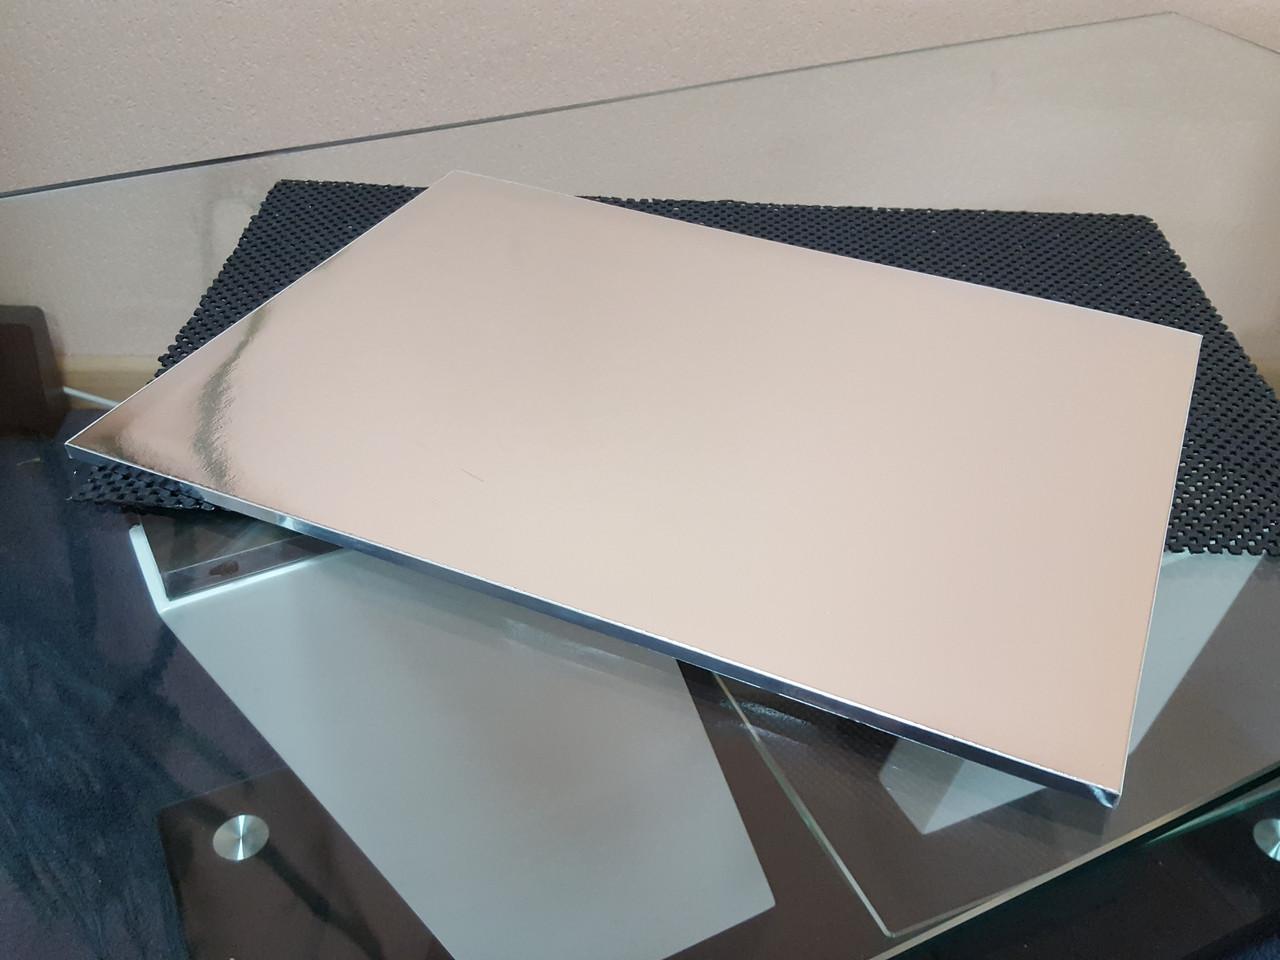 Підкладка під торти ущільнена срібло (8мм)450х650 мм